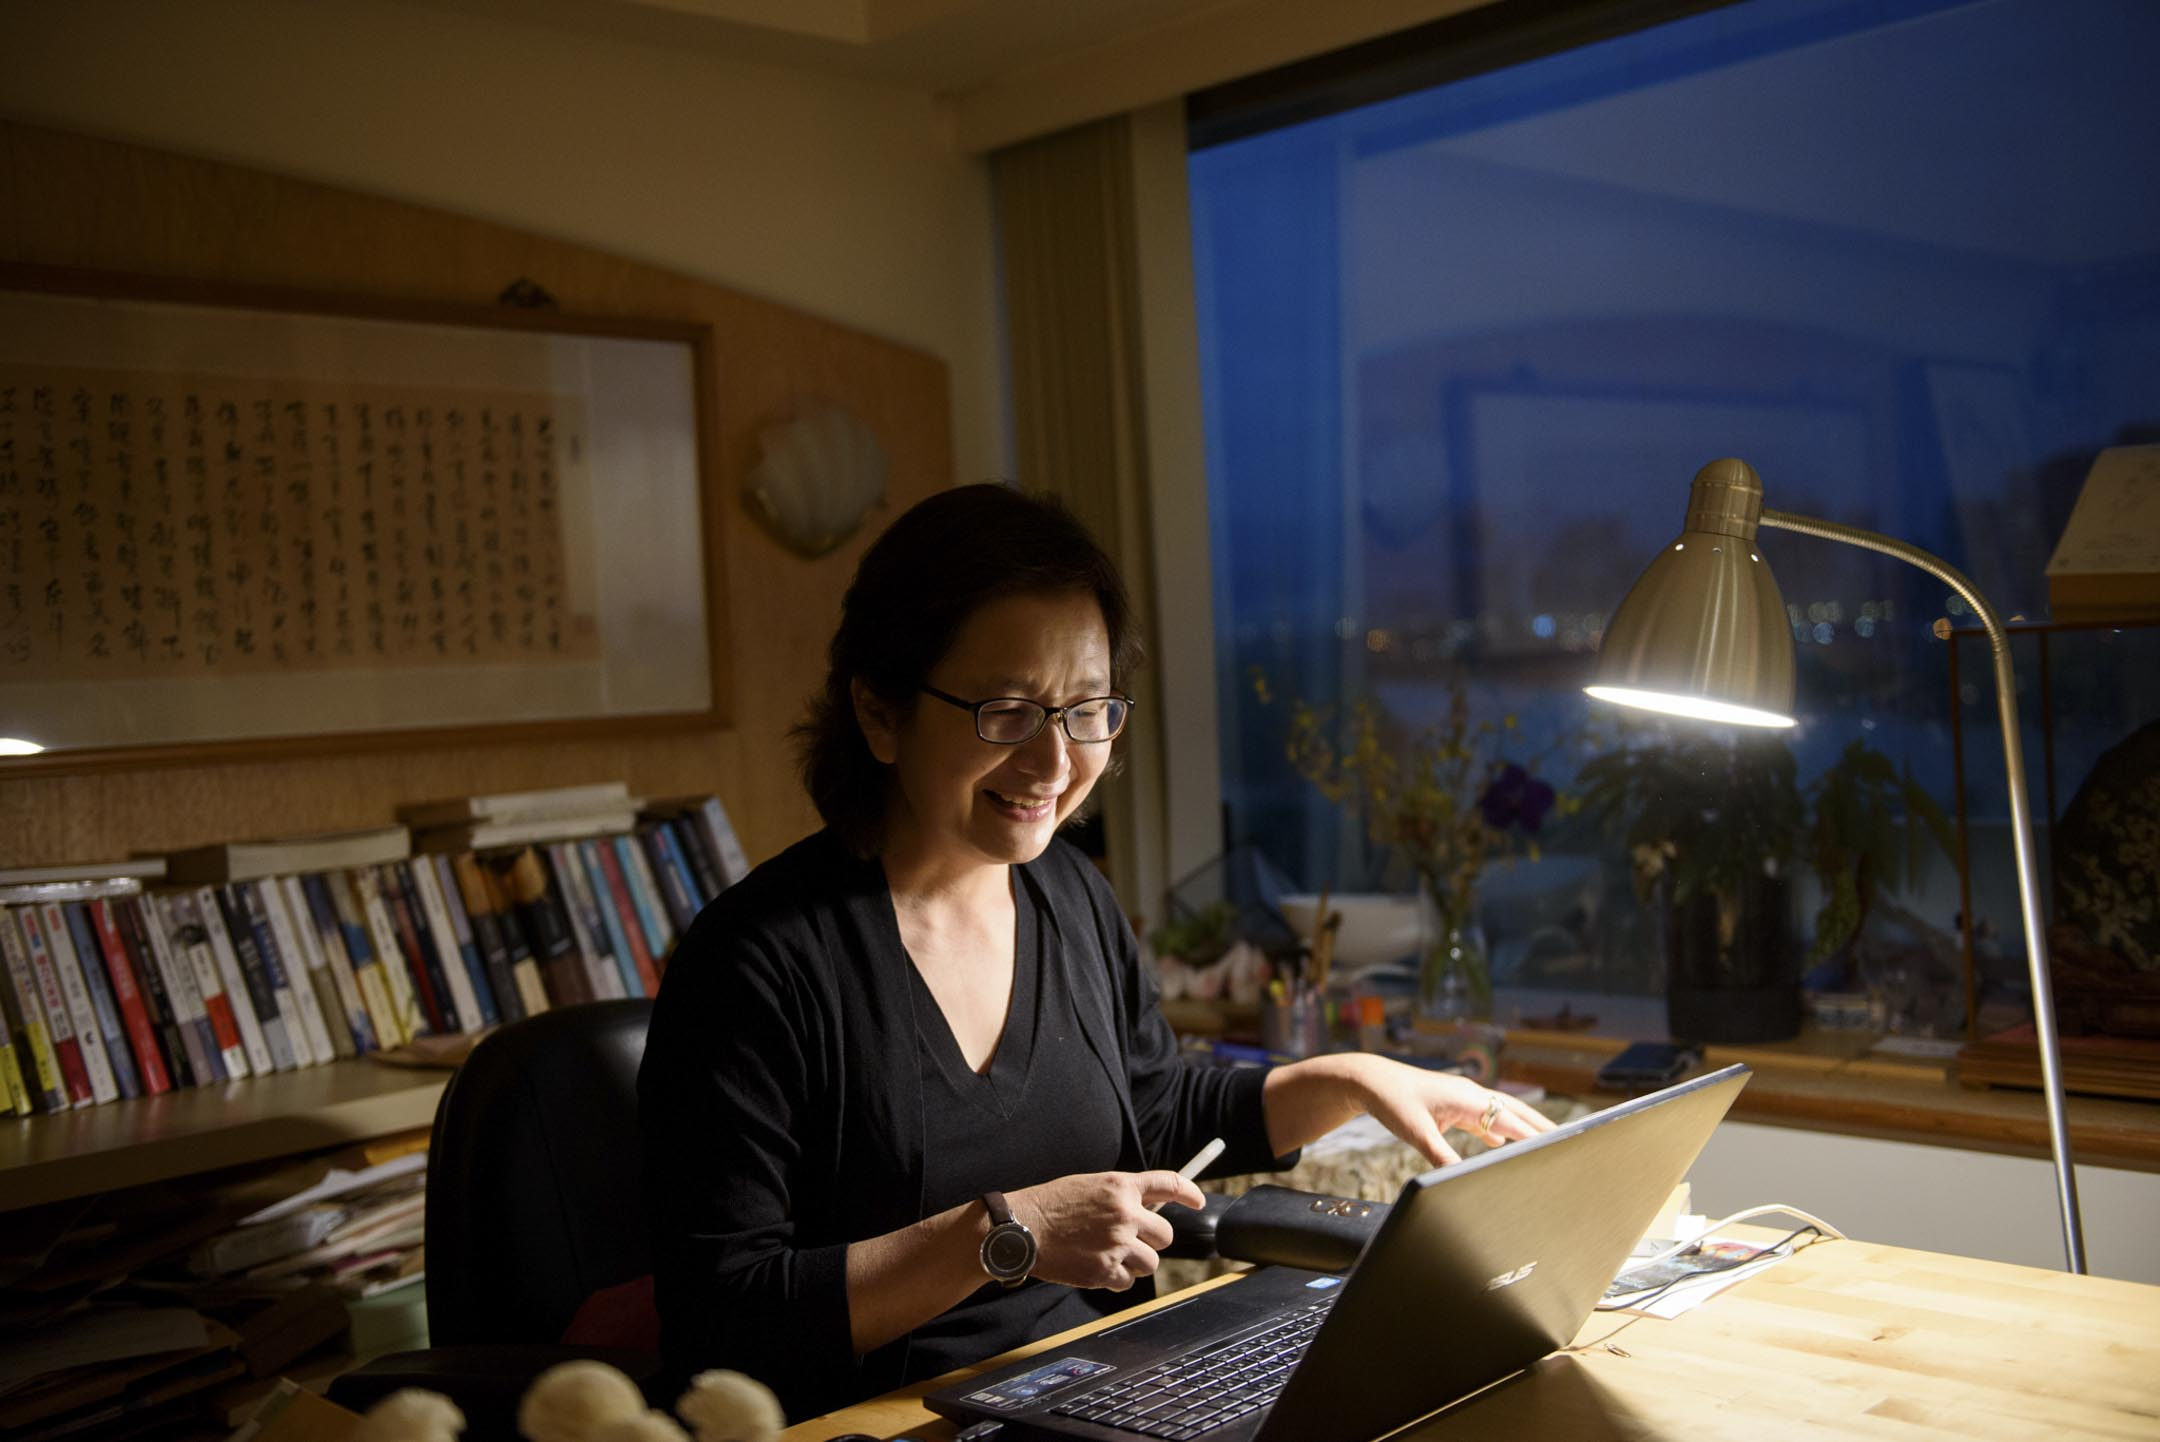 李靜宜從 2004 年至 2017 年從總統府退休之前,一共翻譯了近 30 本書,產量未必遜於一些專業譯者。